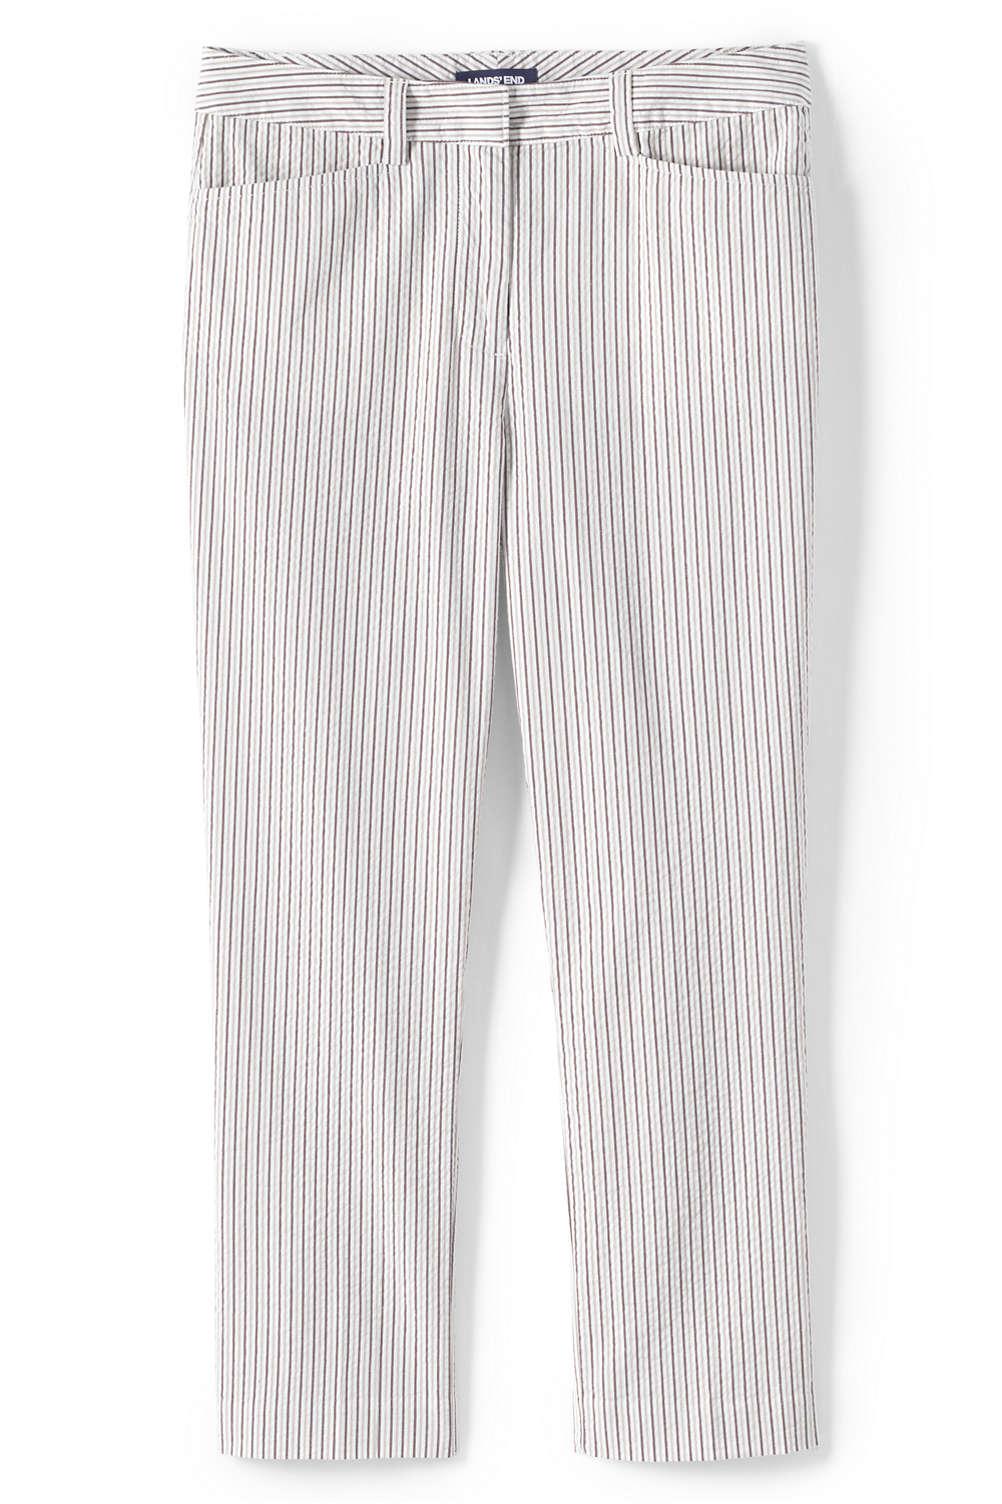 dbda337baa0 Women s Plus Size Mid Rise Seersucker Capri Pants from Lands  End